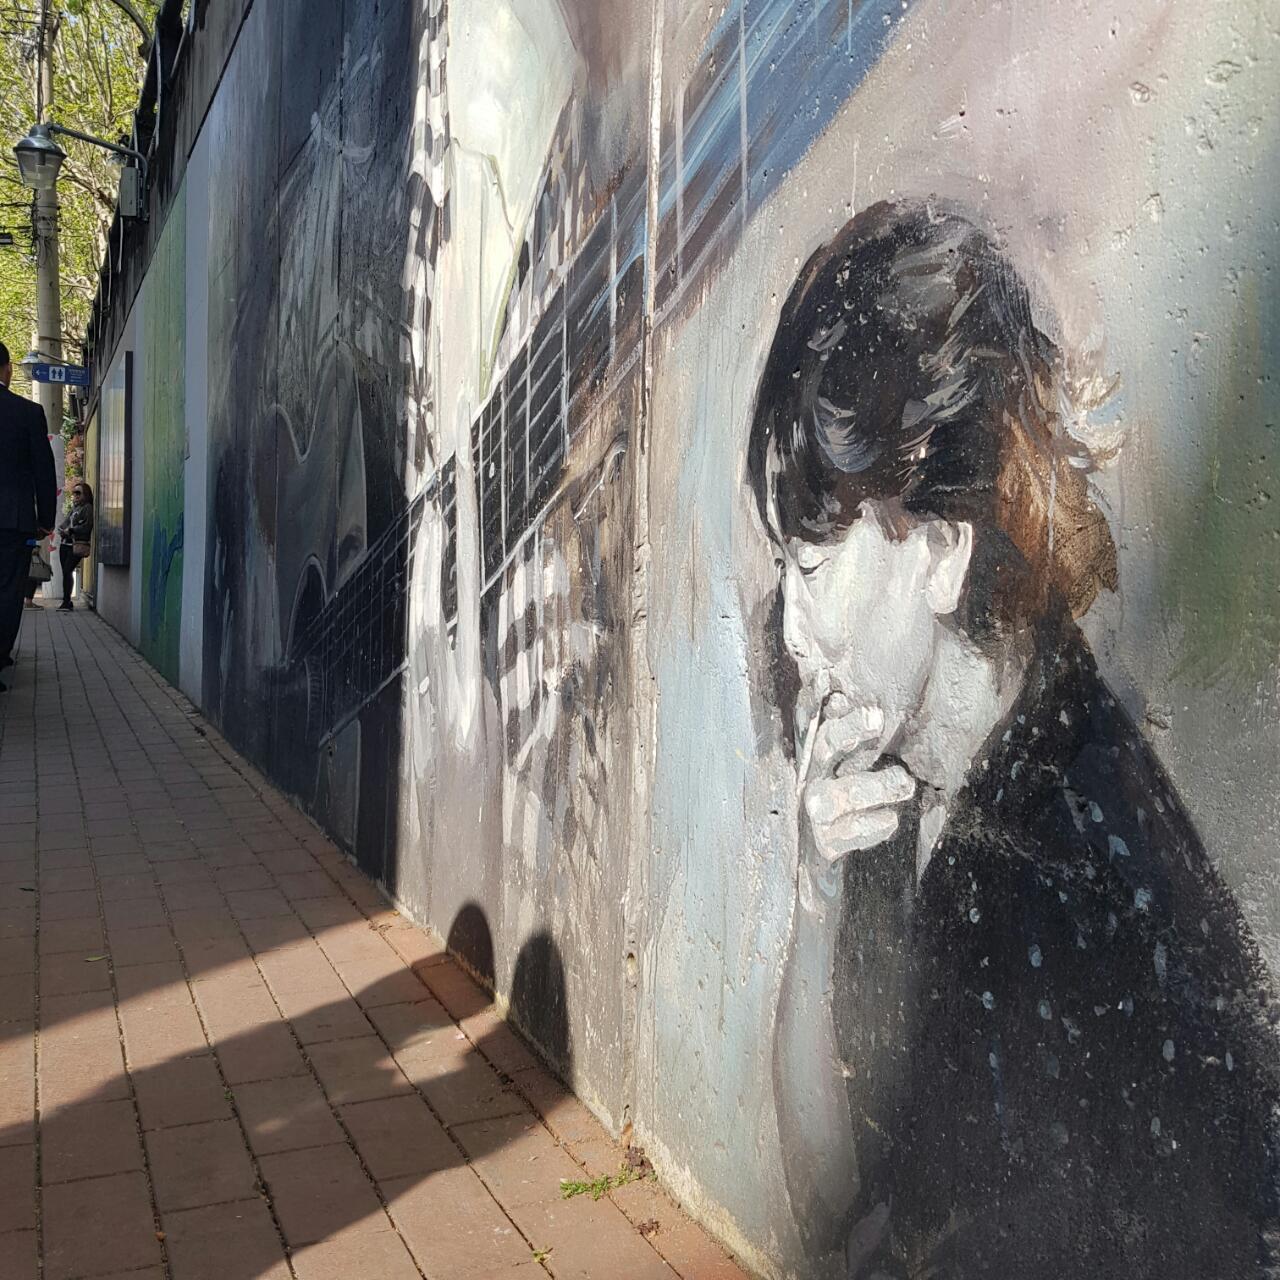 김광석 거리에서-3 김광석 거리에서 기자가 제일 좋아하는 벽화. 담배를 문 그의 젖은 눈빛이 쉽게 잊혀지지 않는 그림이다.